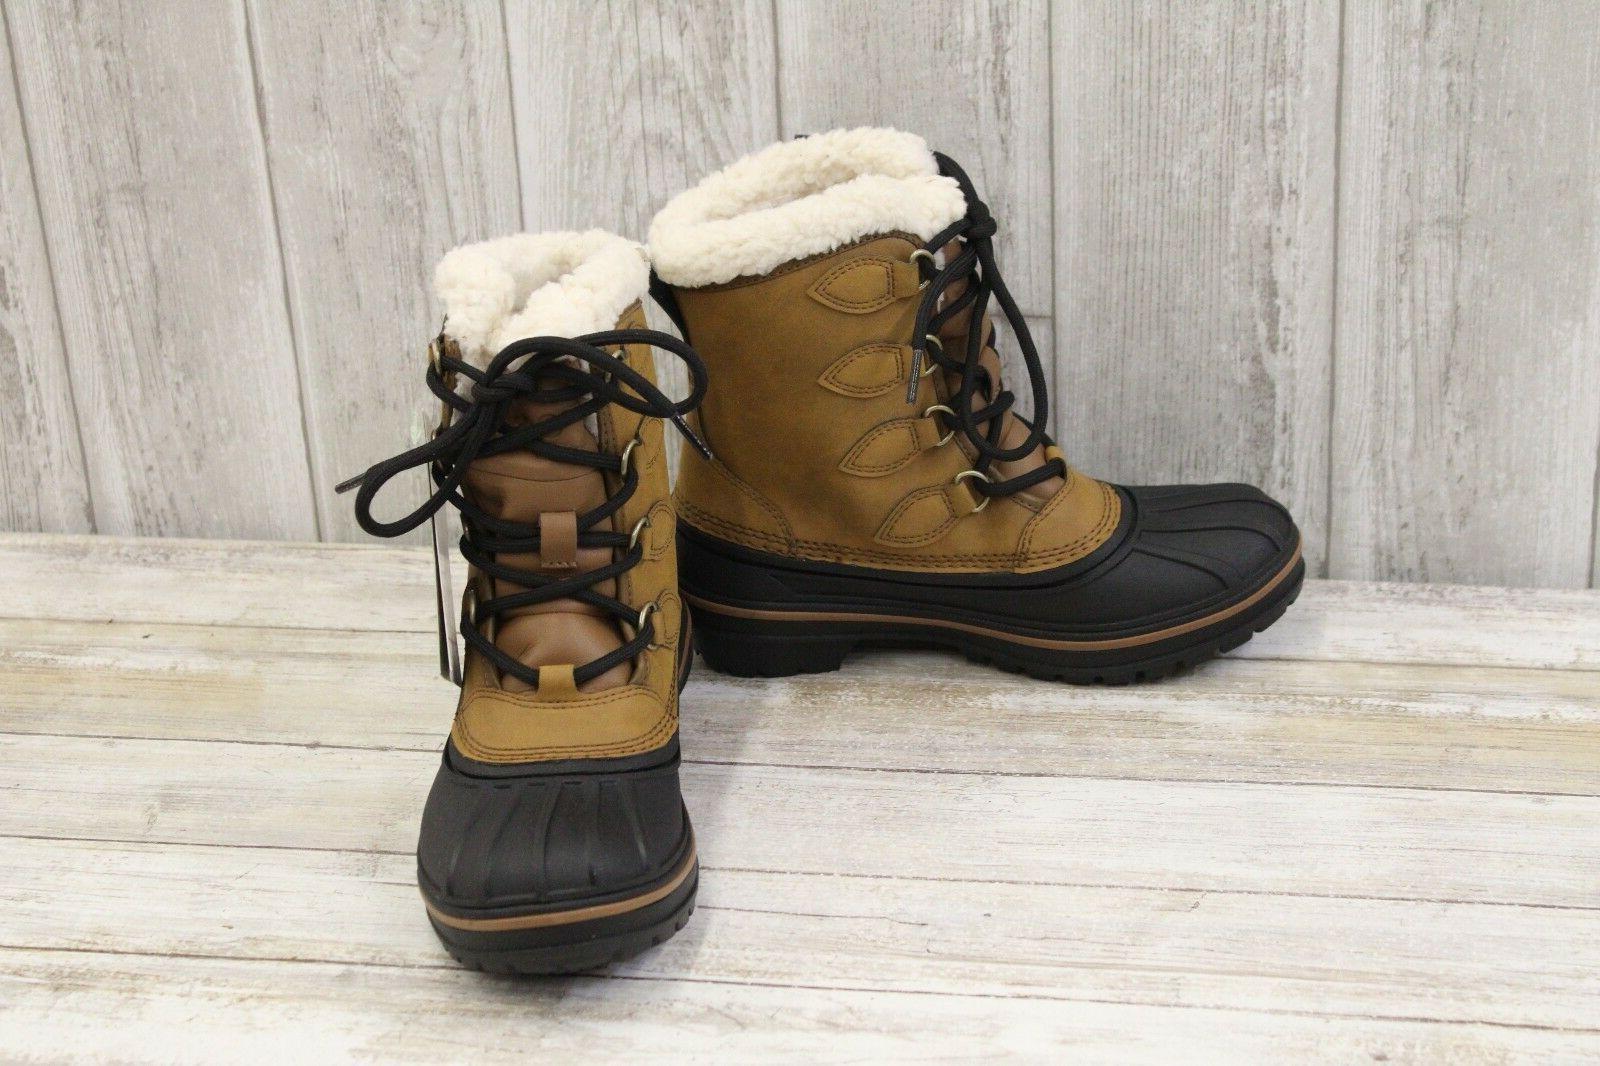 Crocs Allcast II Winter Boots - Women's Size 4, Wheat